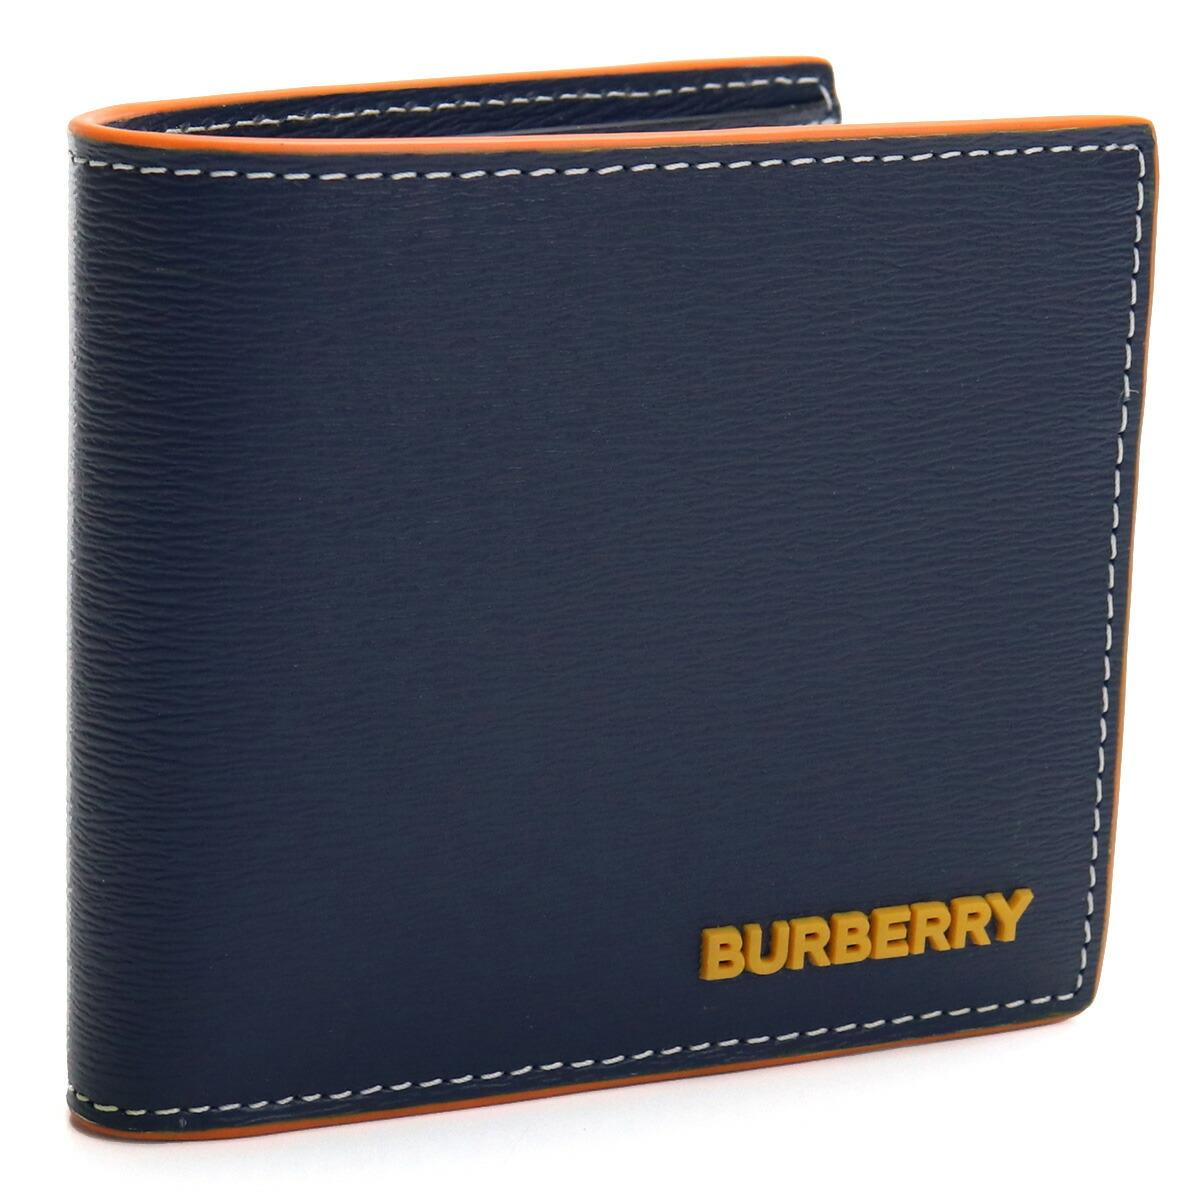 バーバリー BURBERRY 2つ折り財布 8032485 A1222 NAVY ネイビー系 メンズ